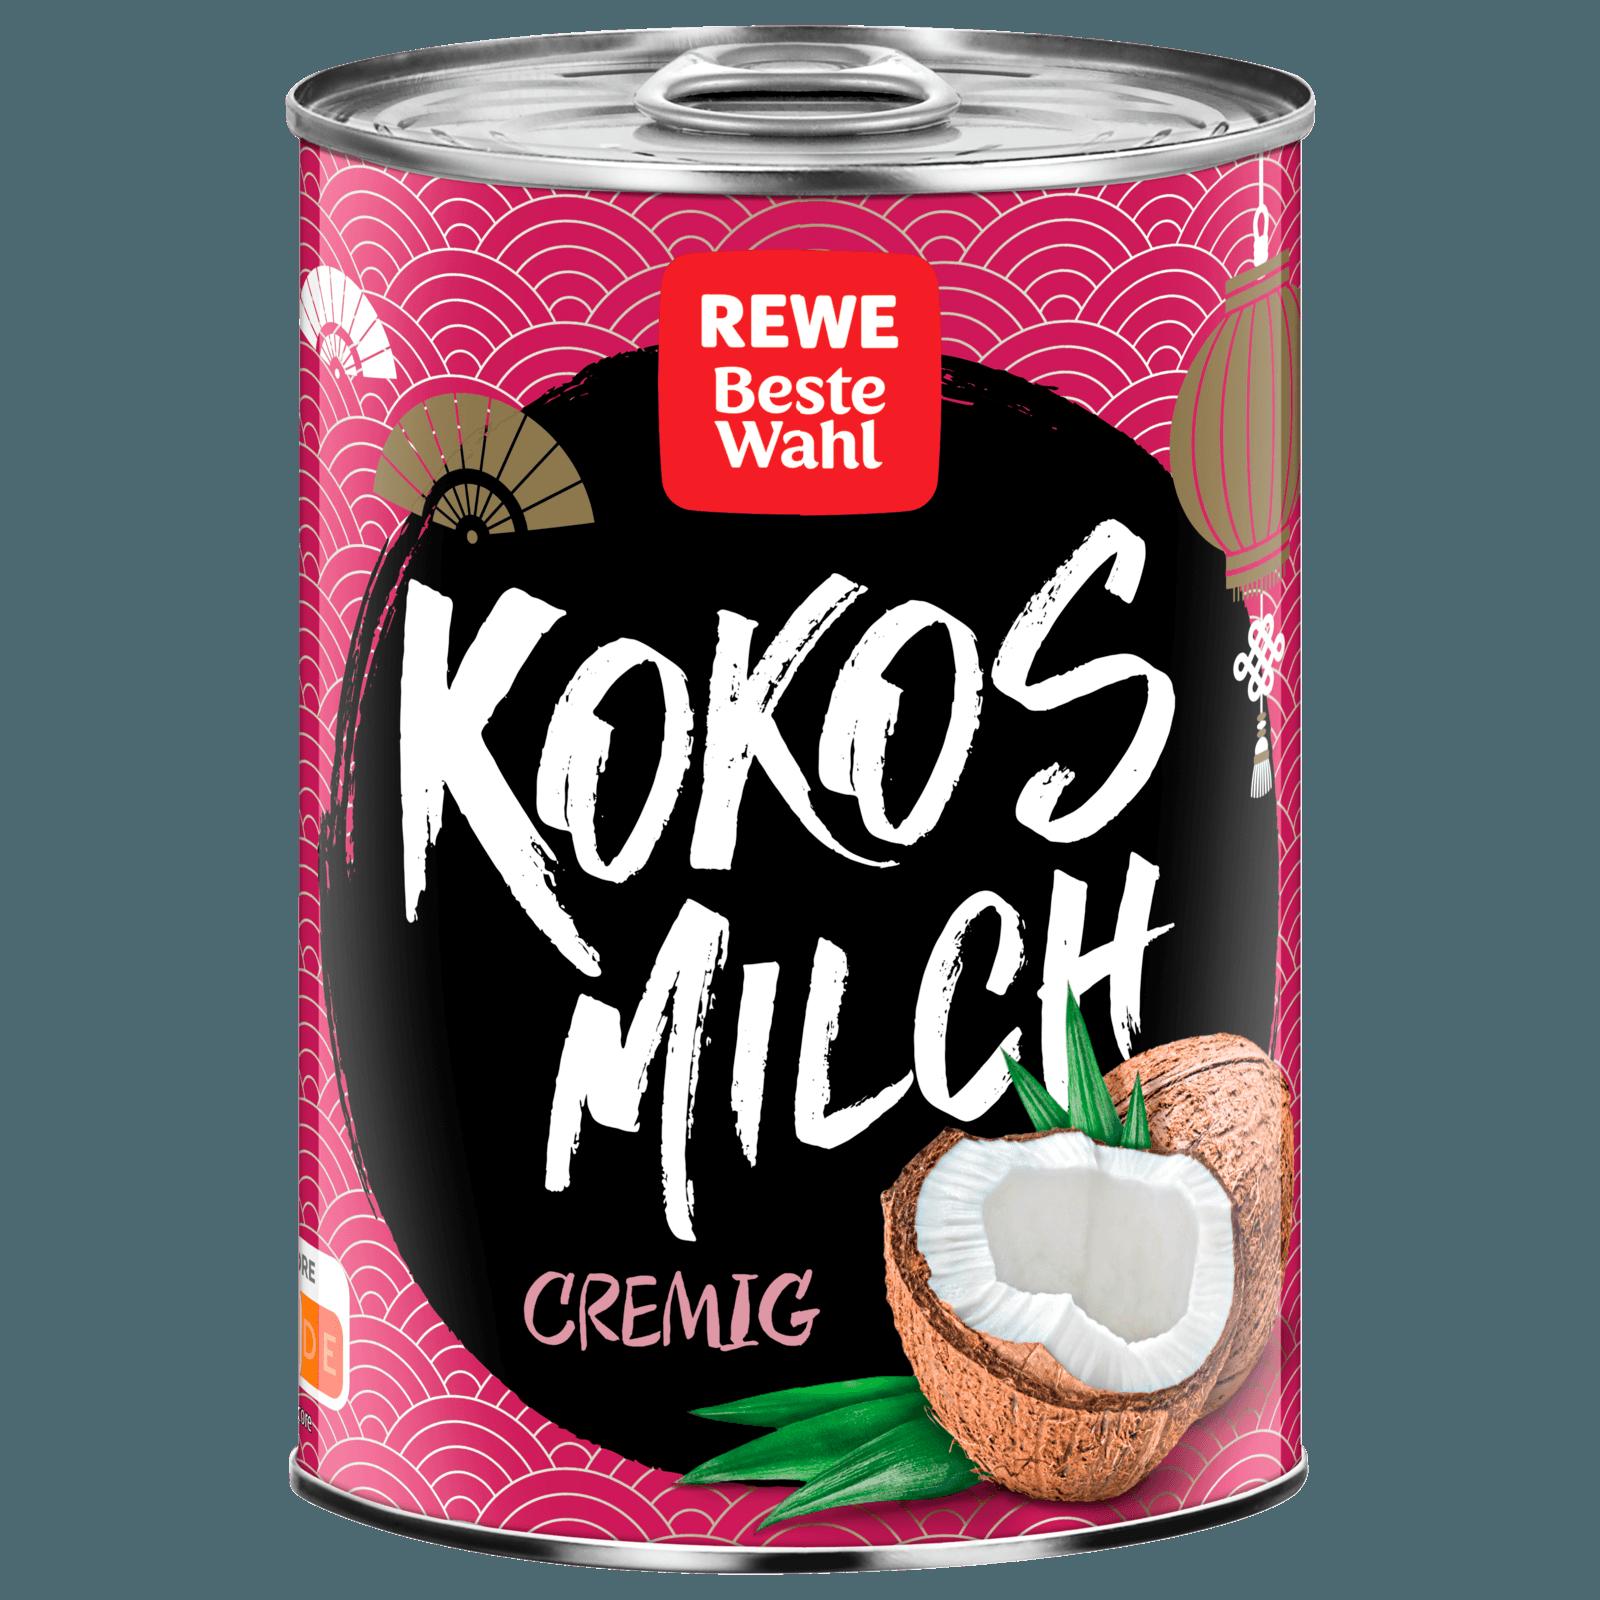 Rewe Beste Wahl Kokosmilch Cremig 400ml Bei Rewe Online Bestellen